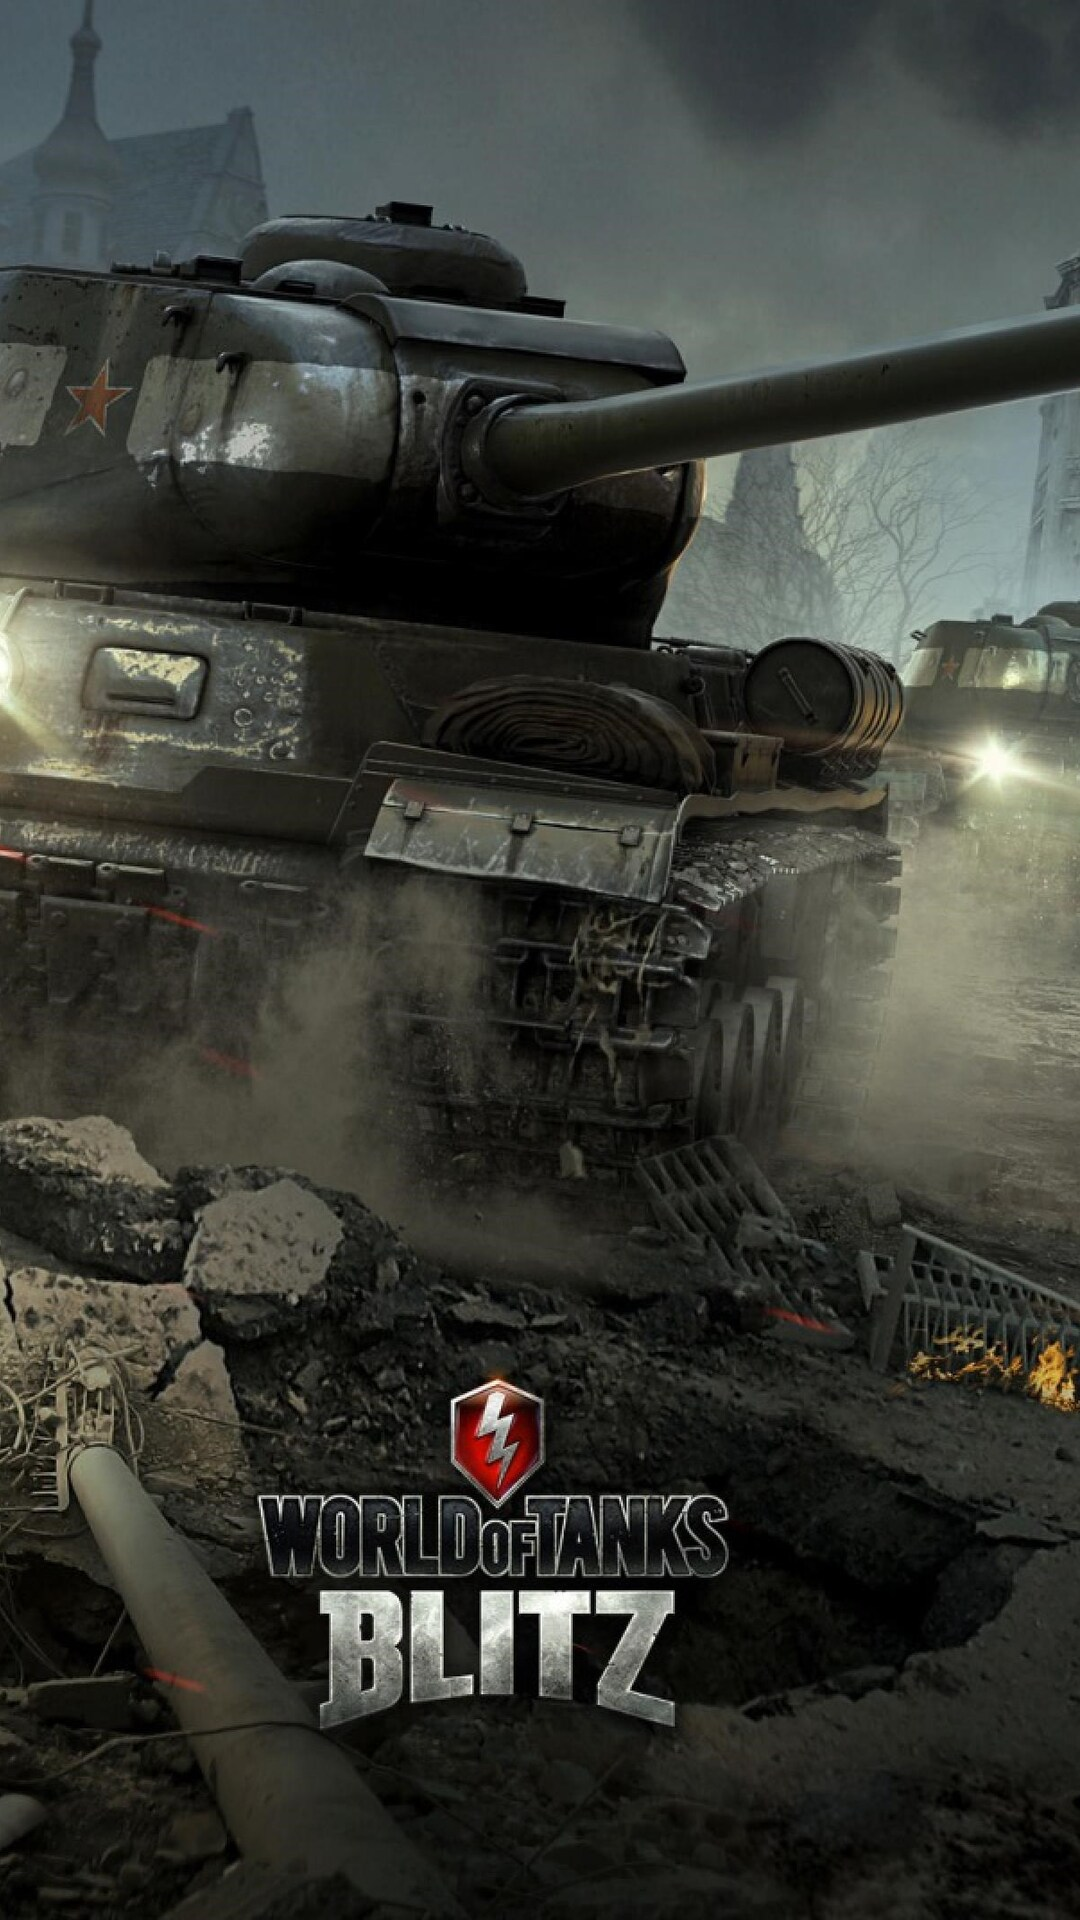 2016-world-of-tanks.jpg